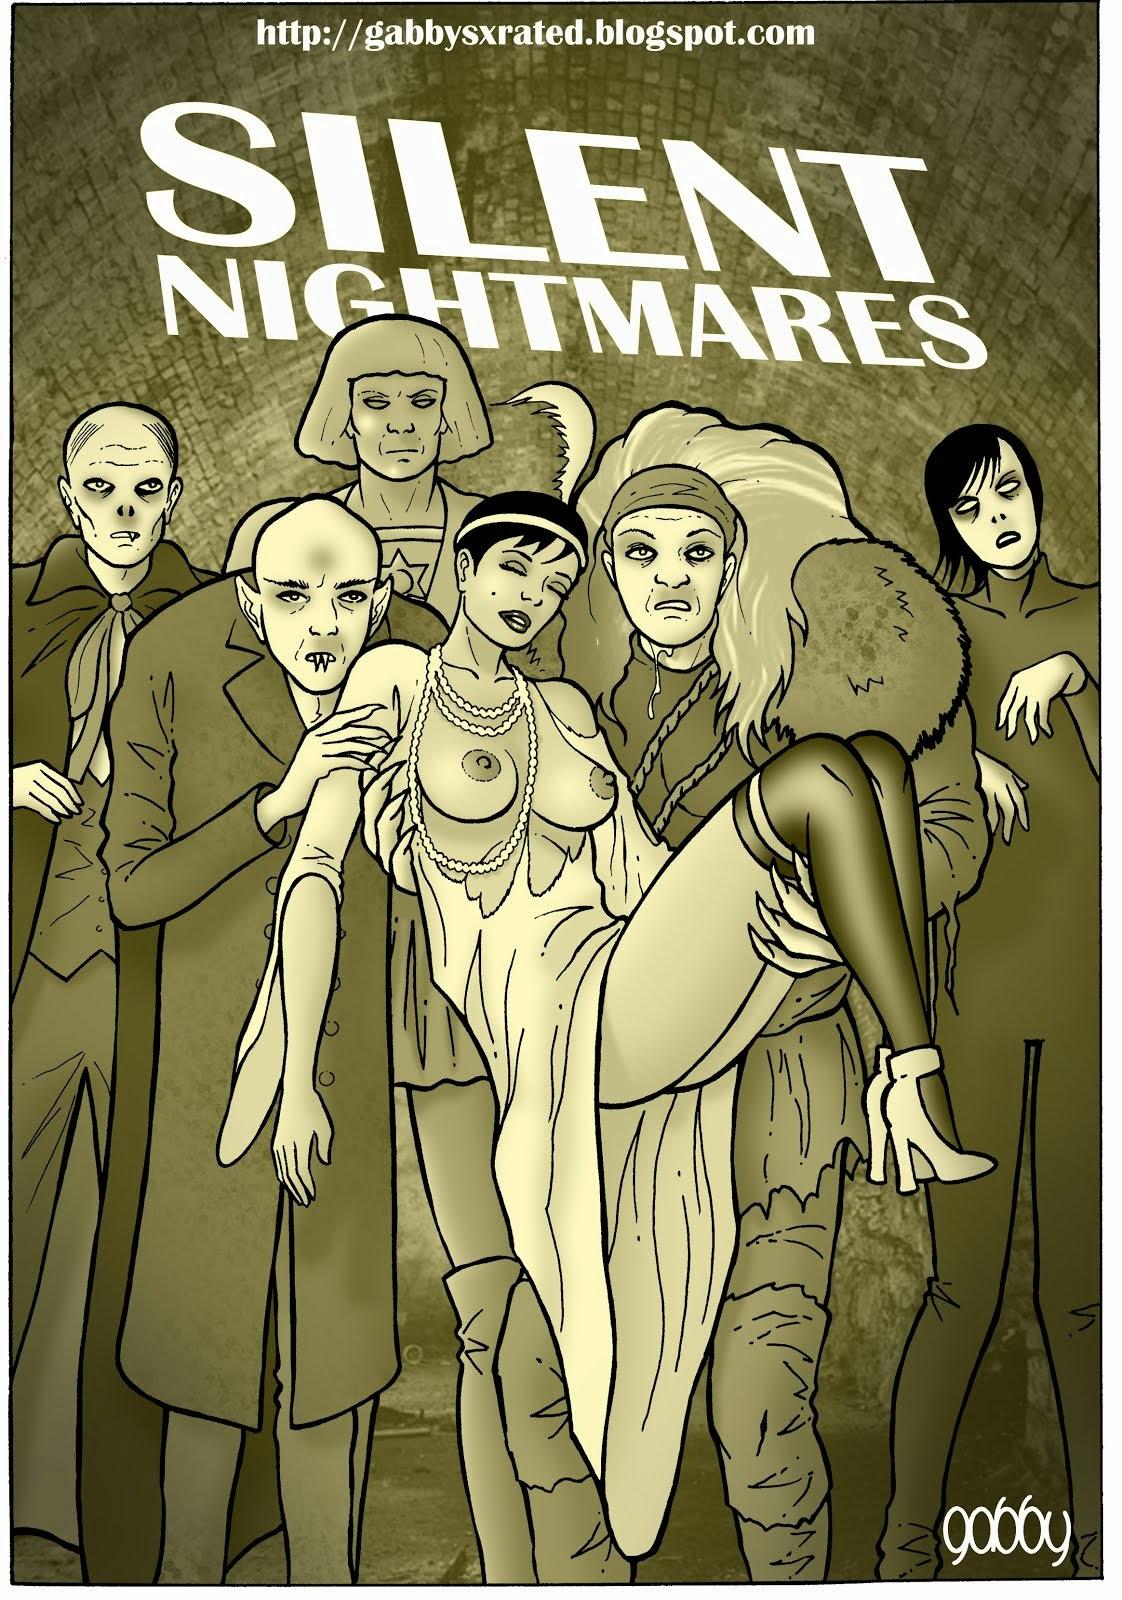 silent nightmares